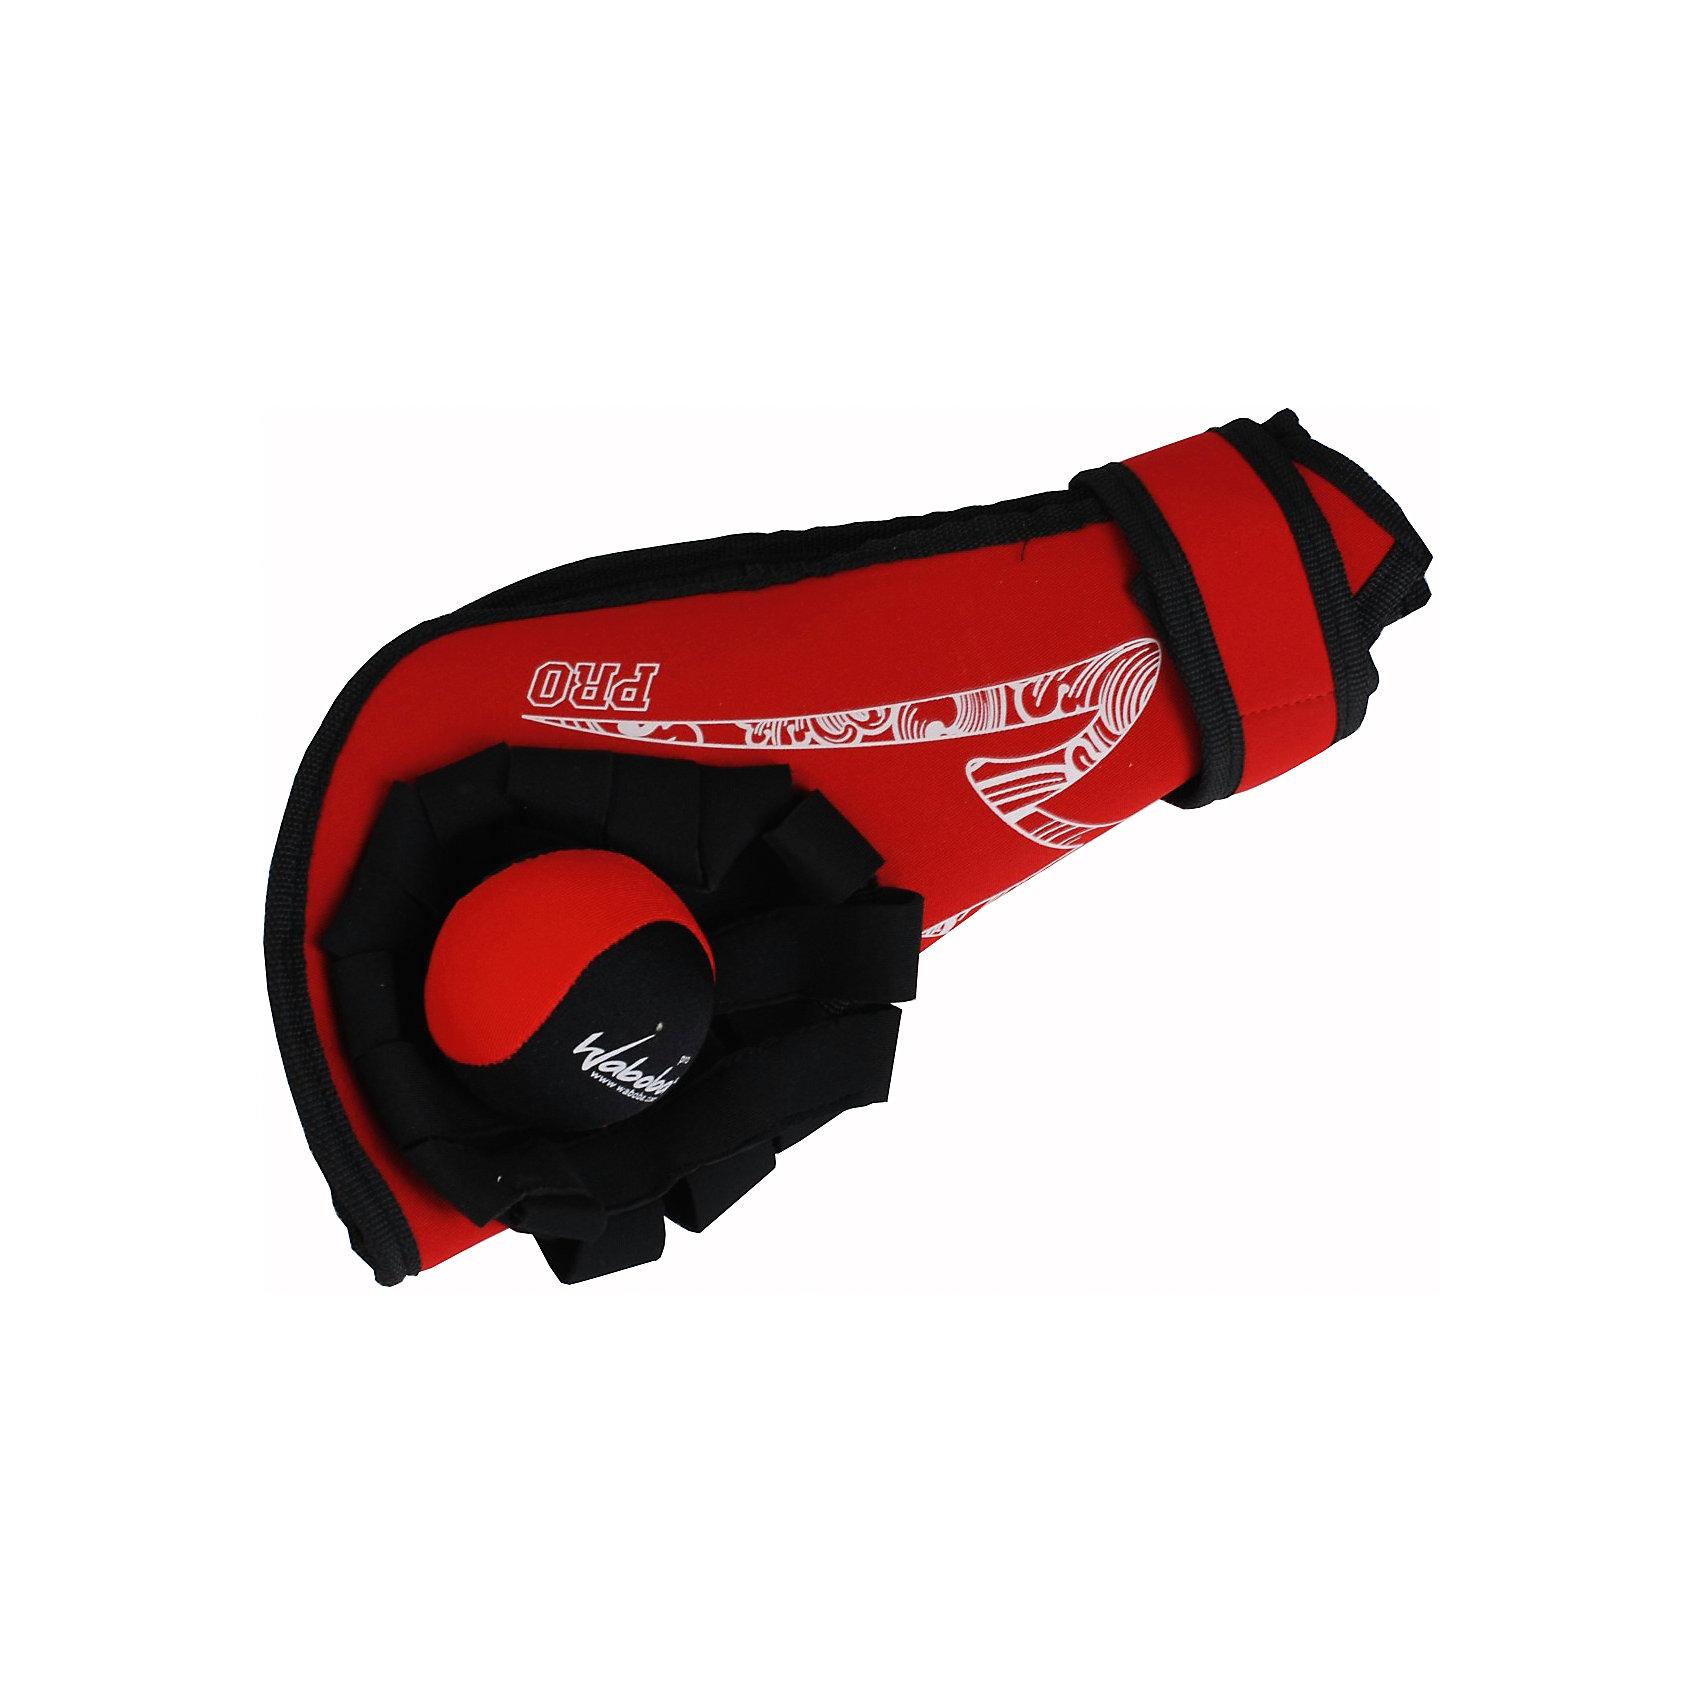 Перчатка PRO левая с мячом, WabobaИгровые наборы<br>Характеристики товара:<br><br>• материал: полимер<br>• размер упаковки: 28x8x8 см<br>• длина перчатки: 25 см<br>• перчатка левая<br>• прочный материал<br>• мяч отскакивает от воды <br>• возраст: от 3 лет<br>• вес: 250 г<br>• страна бренда: Швеция<br>• страна производства: Китай<br><br>Новый вид активного пляжного отдыха: игры с мячами, отскакивающими от воды. Мячи Waboba - это отличный способ весело провести время всей семьей, с детьми или большой компанией. Мячи сделаны из прочного полимерного материала, они отлично держатся на воде, имею яркую расцветку.<br><br>Данный набор включает в себя перчатку, с помощью которого удобно ловить мячи и сам мячик. Отличный подарок для тех, кто уже увлекся мячами Waboba!<br><br>Перчатку PRO левую с мячом от популярного бренда Waboba можно купить в нашем интернет-магазине.<br><br>Ширина мм: 850<br>Глубина мм: 850<br>Высота мм: 280<br>Вес г: 250<br>Возраст от месяцев: 36<br>Возраст до месяцев: 192<br>Пол: Унисекс<br>Возраст: Детский<br>SKU: 5482368